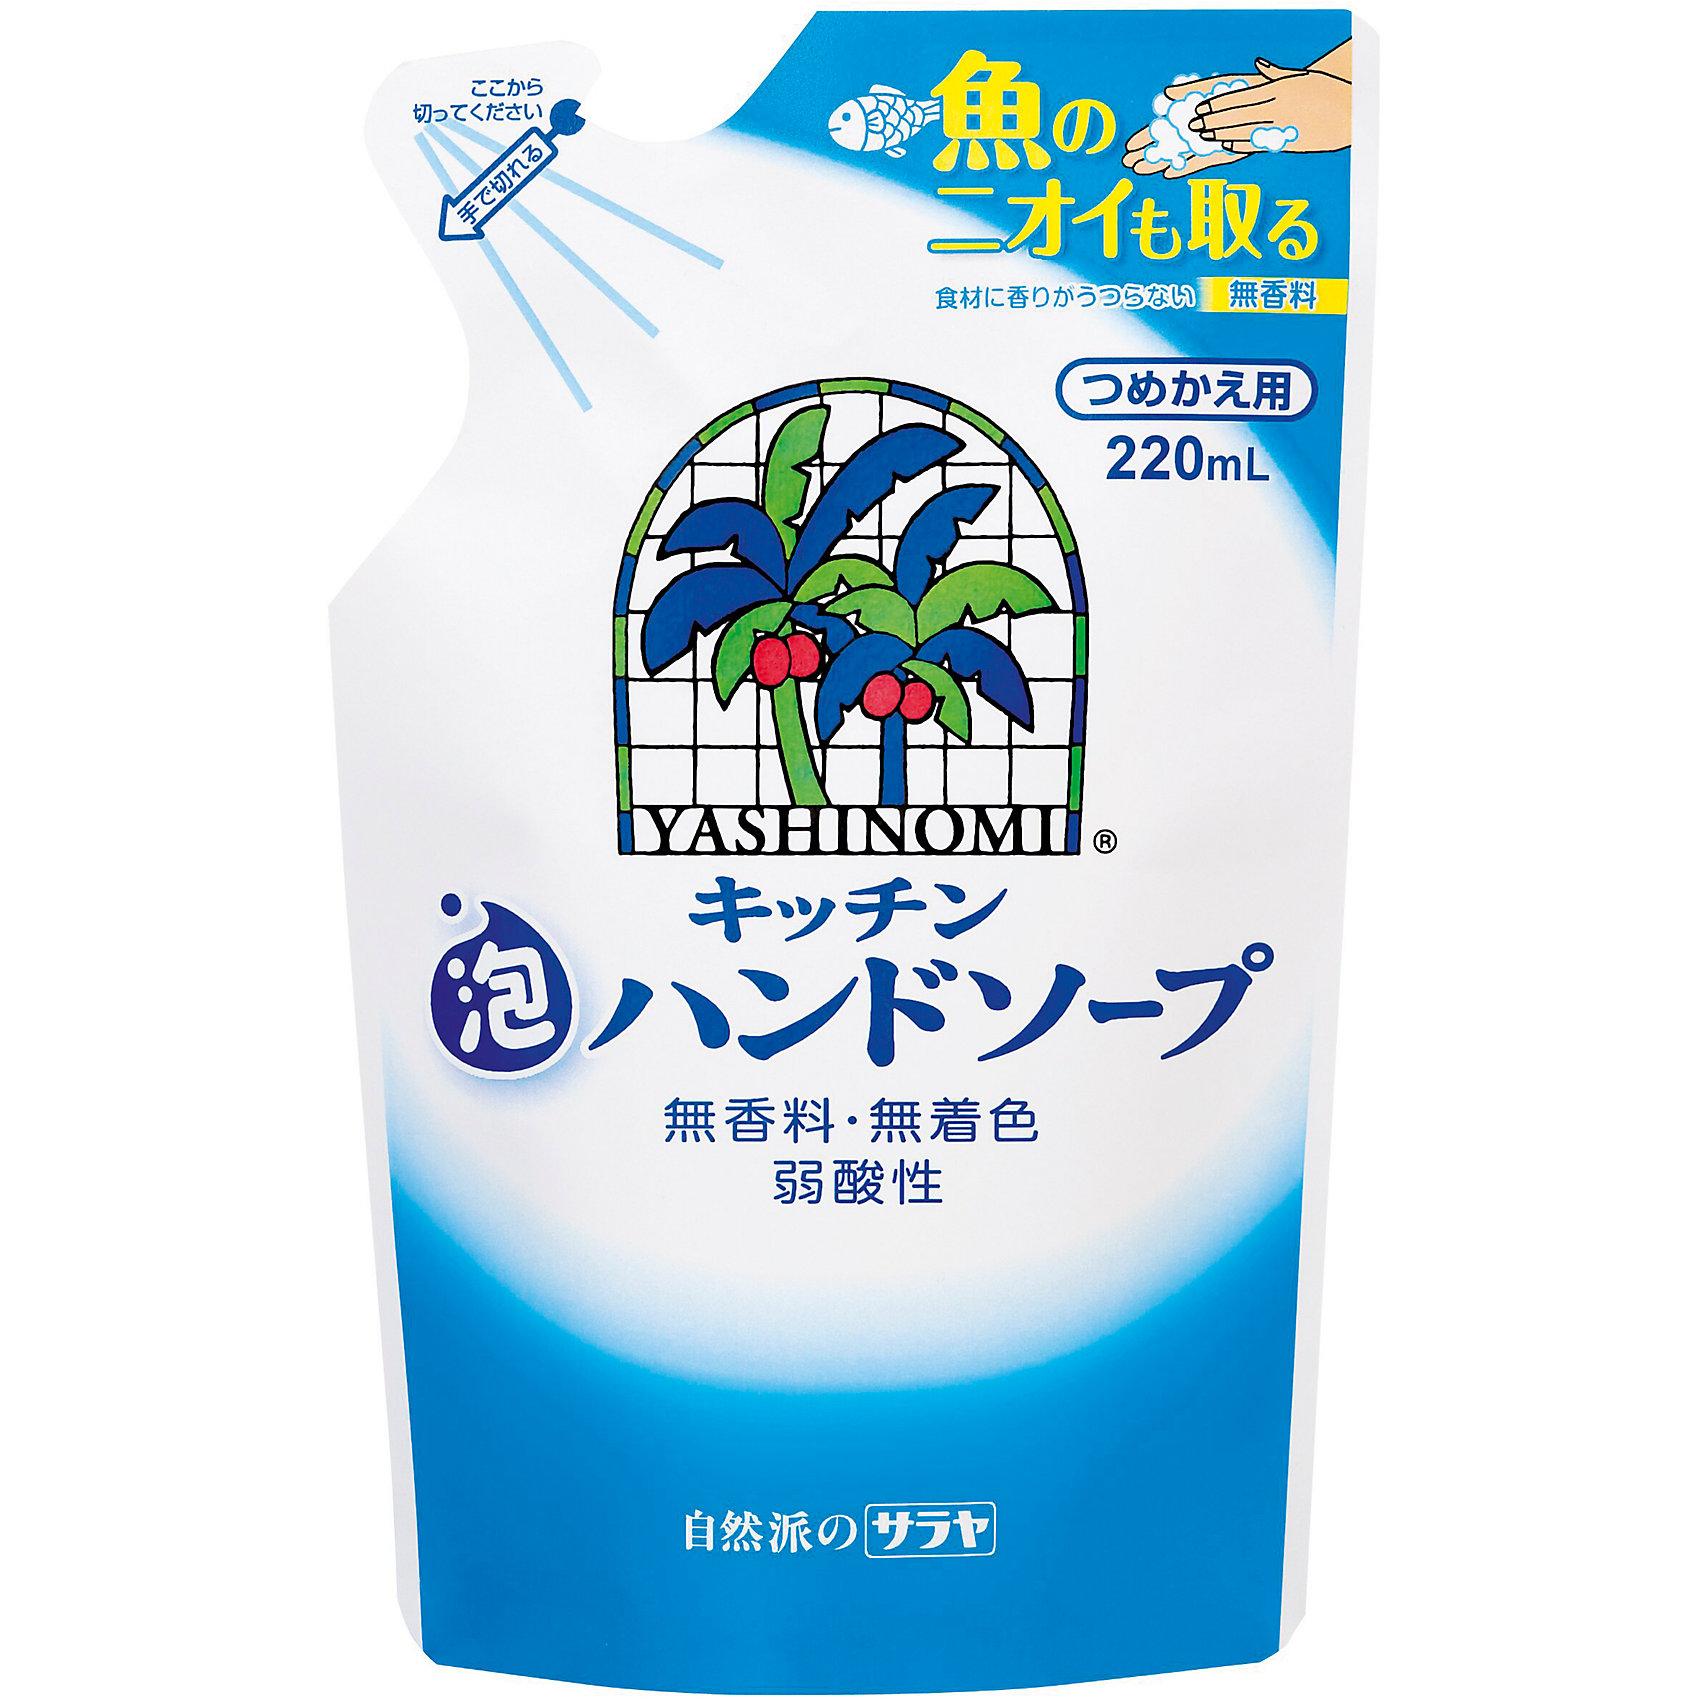 Мыло пенное для рук Arau, наполнитель, 220 мл., saraya